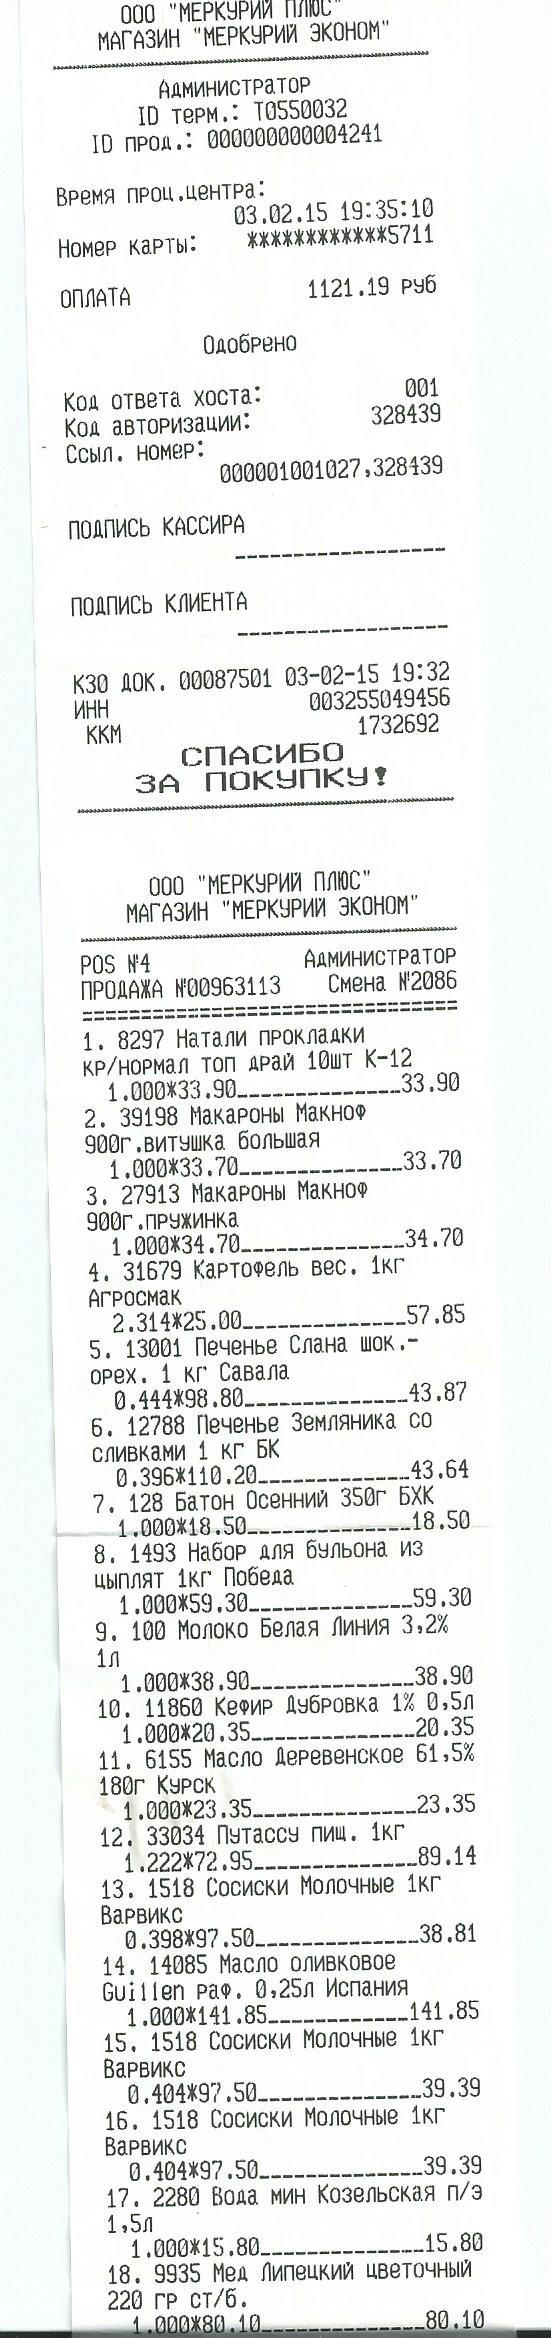 чек2 001